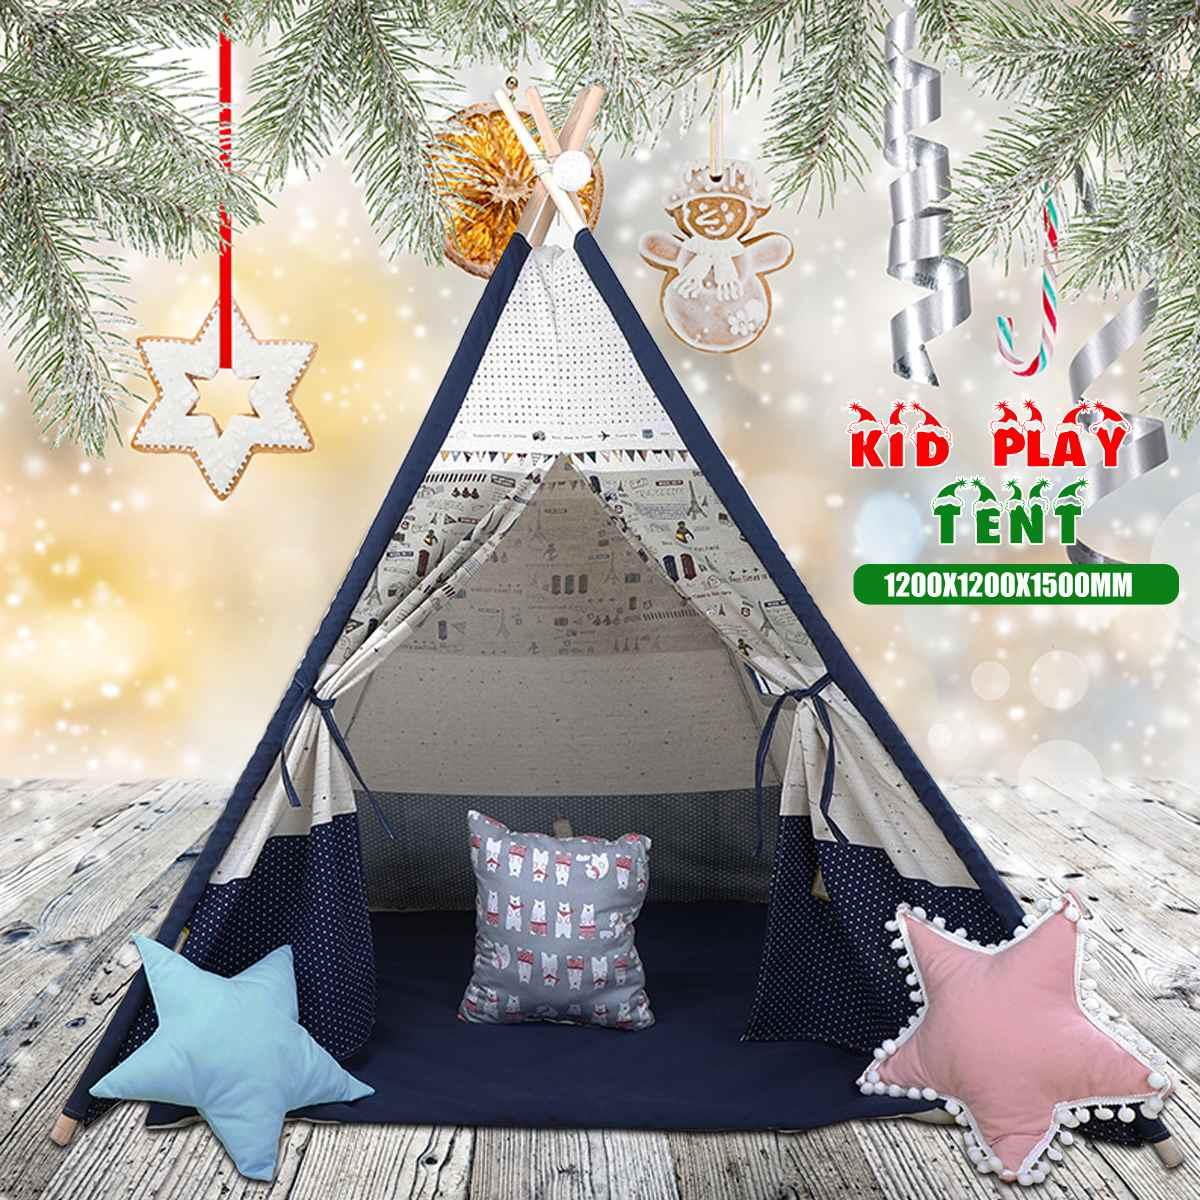 1200x1200x1600mm Grand Tipi Tente Enfants Toile Home Jeux de simulation En Plein Air Intérieur Enfant Cadeaux De Noël